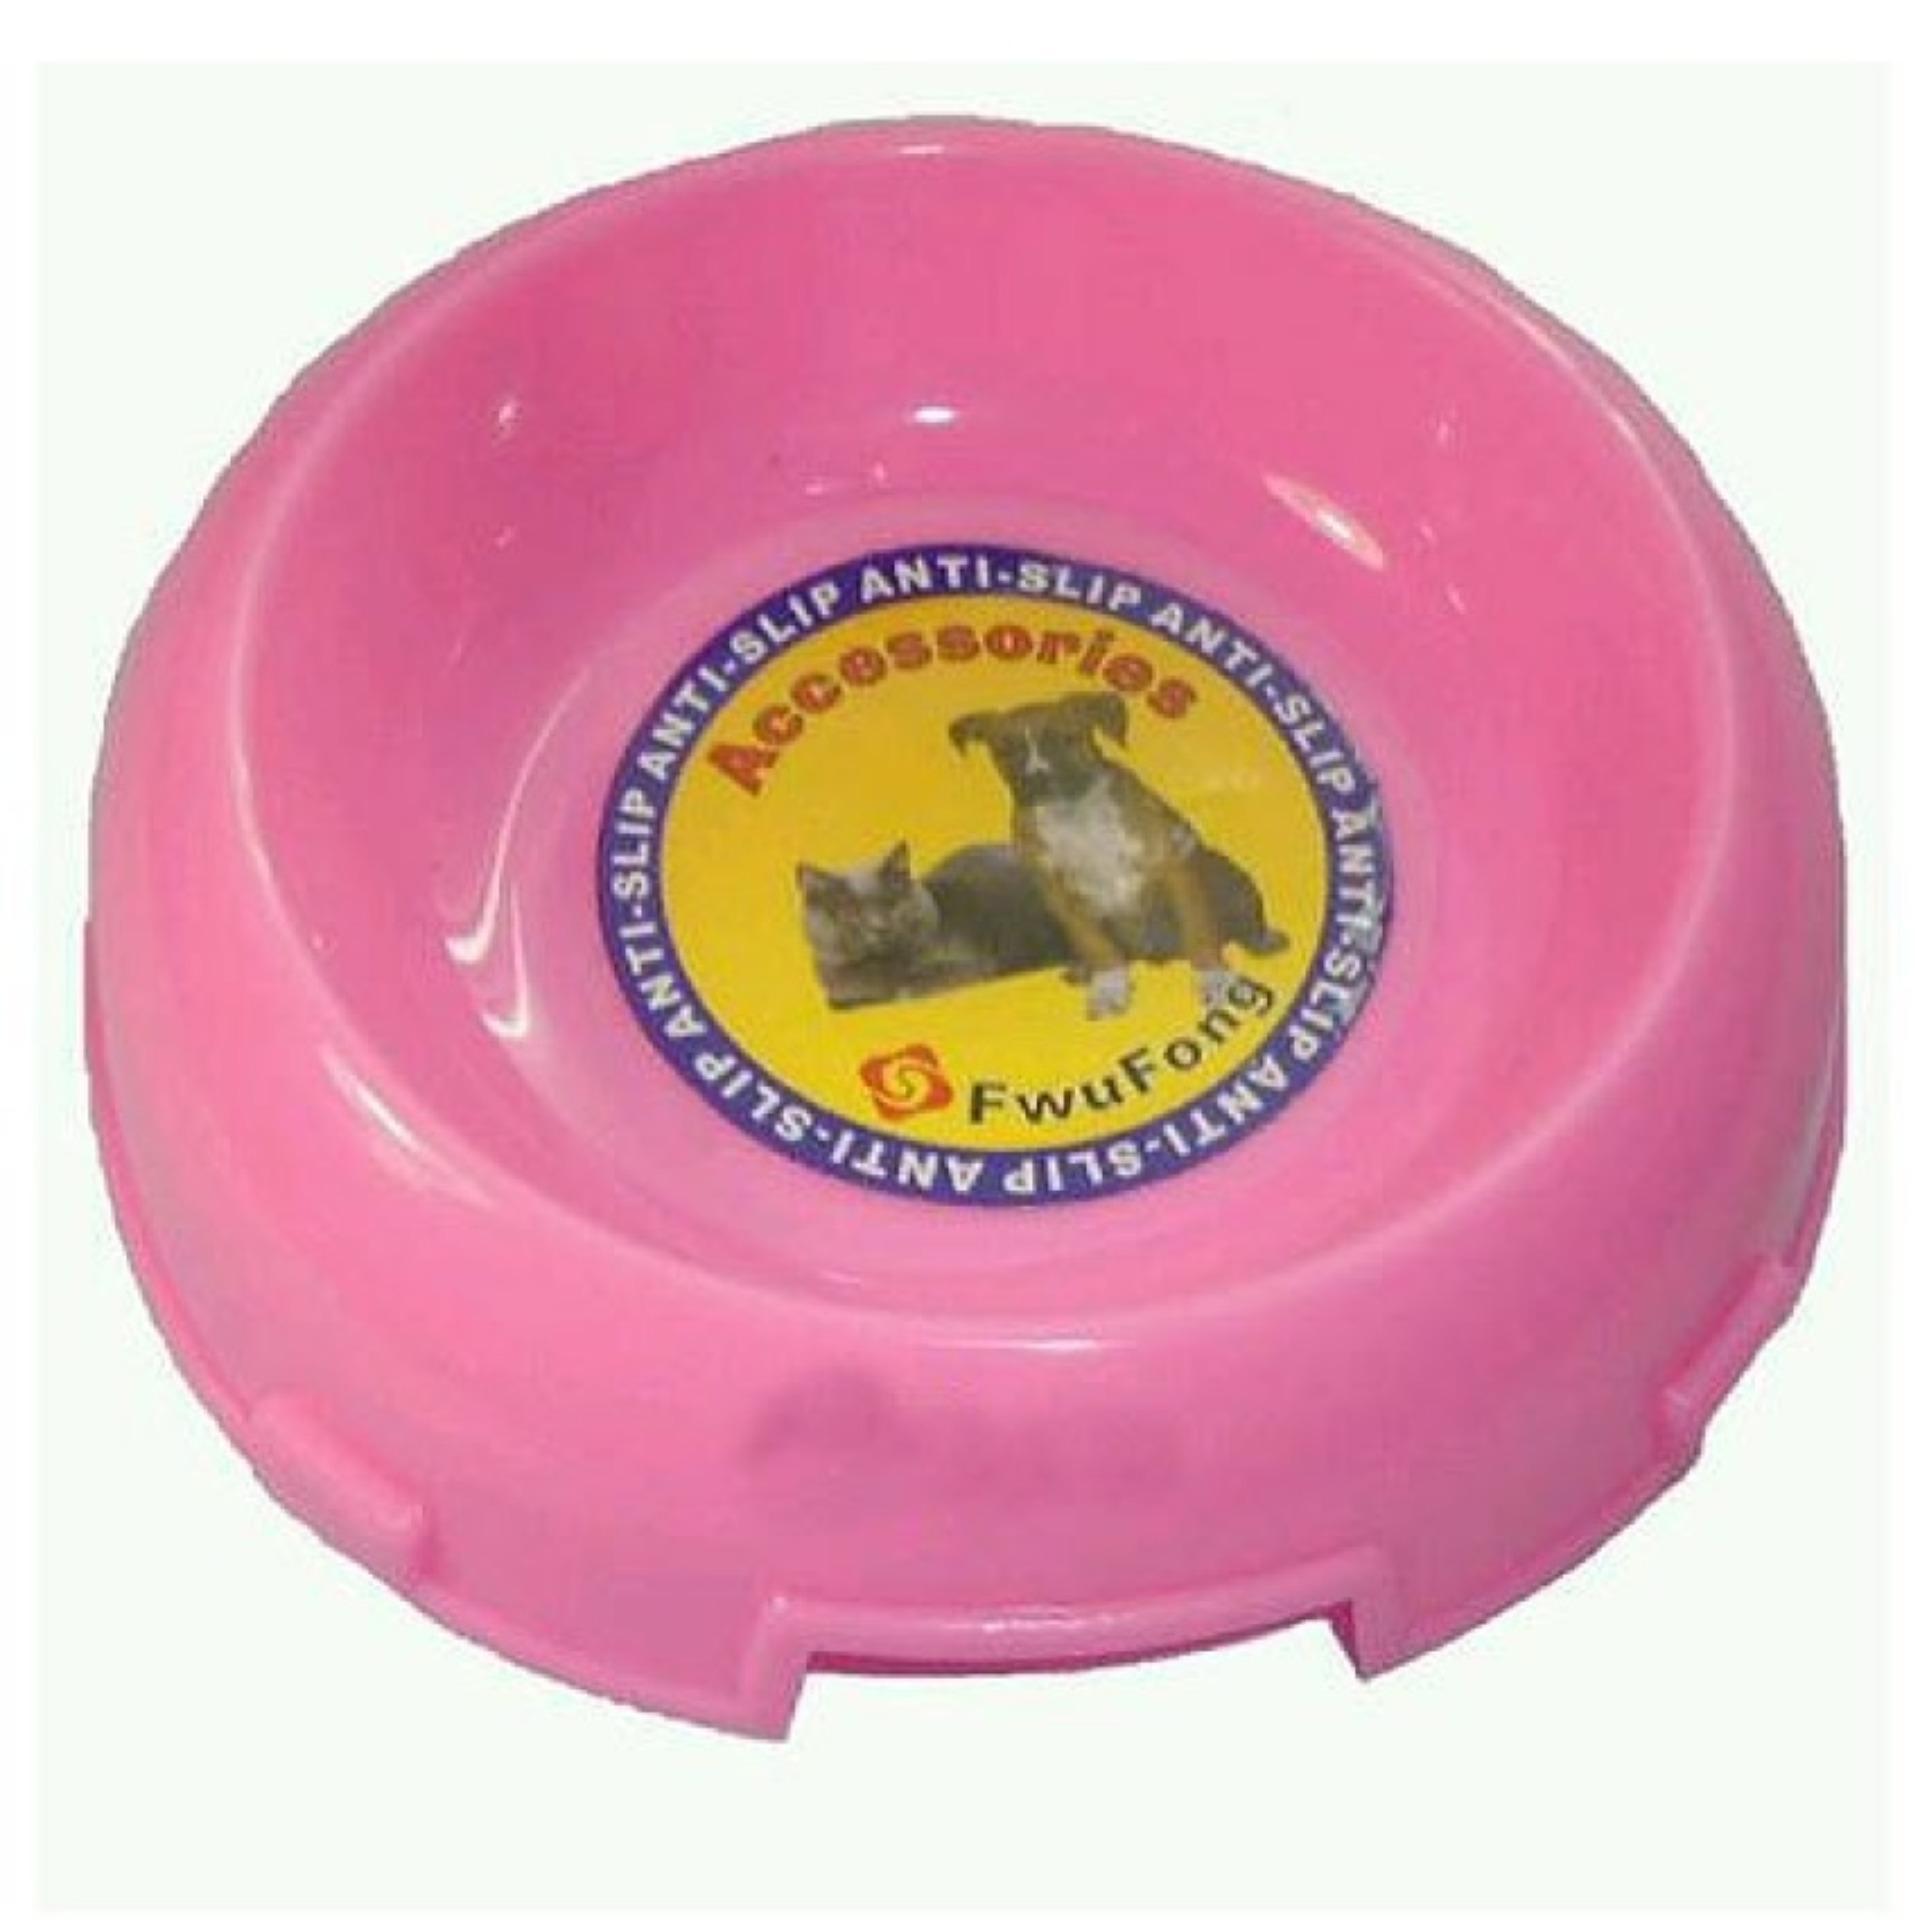 MANGKUK MAKAN KUCING ANJING Fwufong Bowl Cat Dish Round Flat